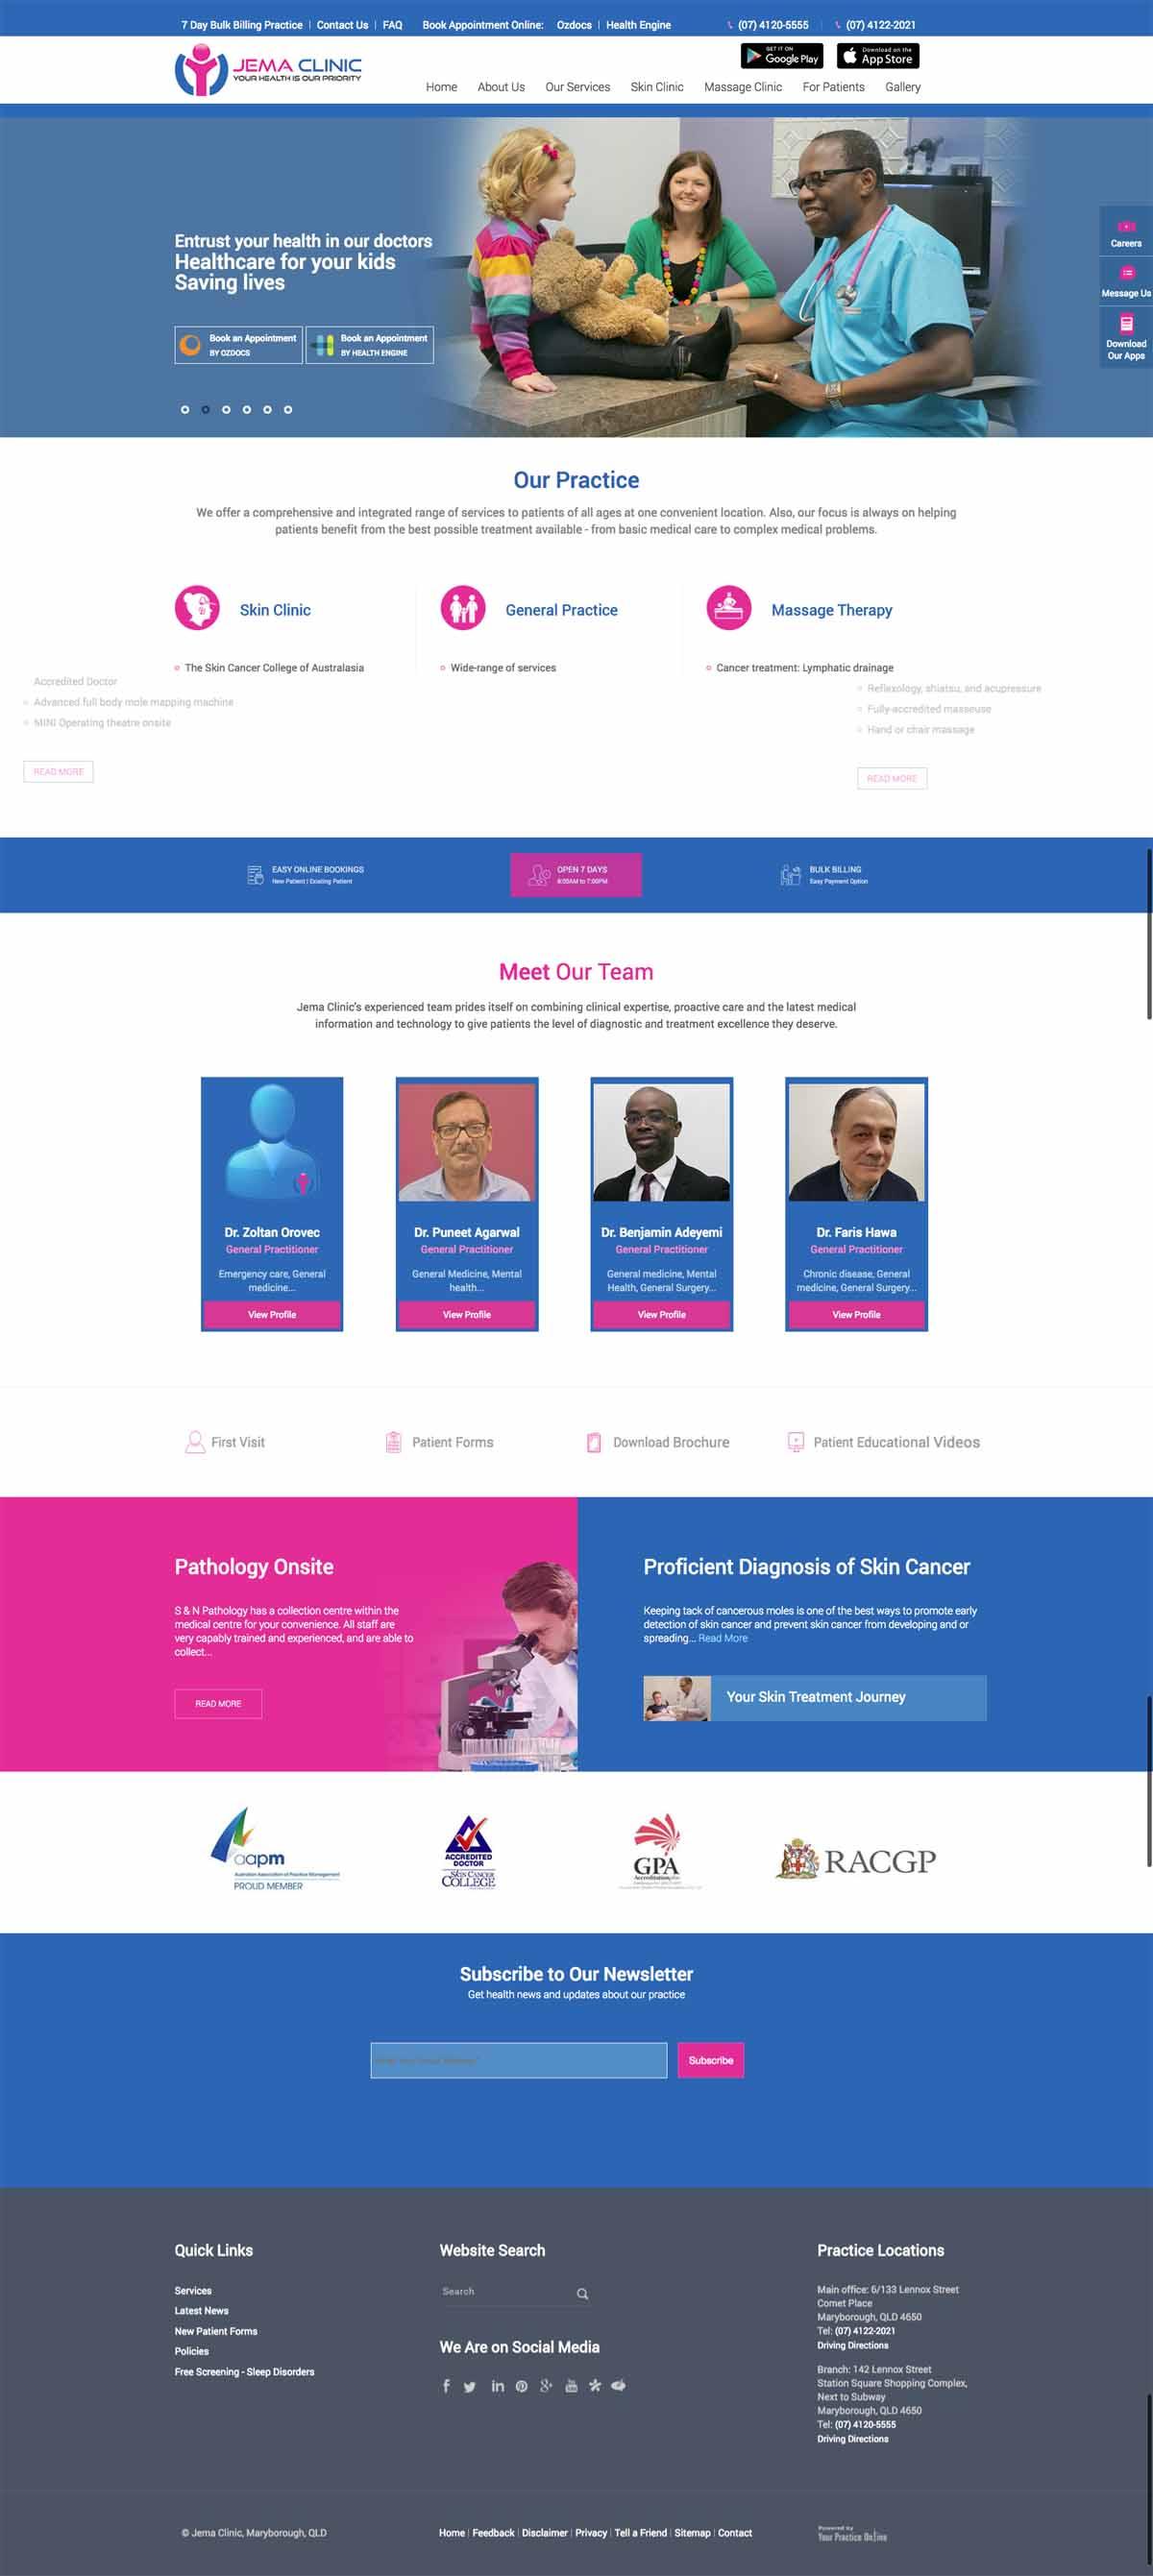 General Practice Medical Centre Website